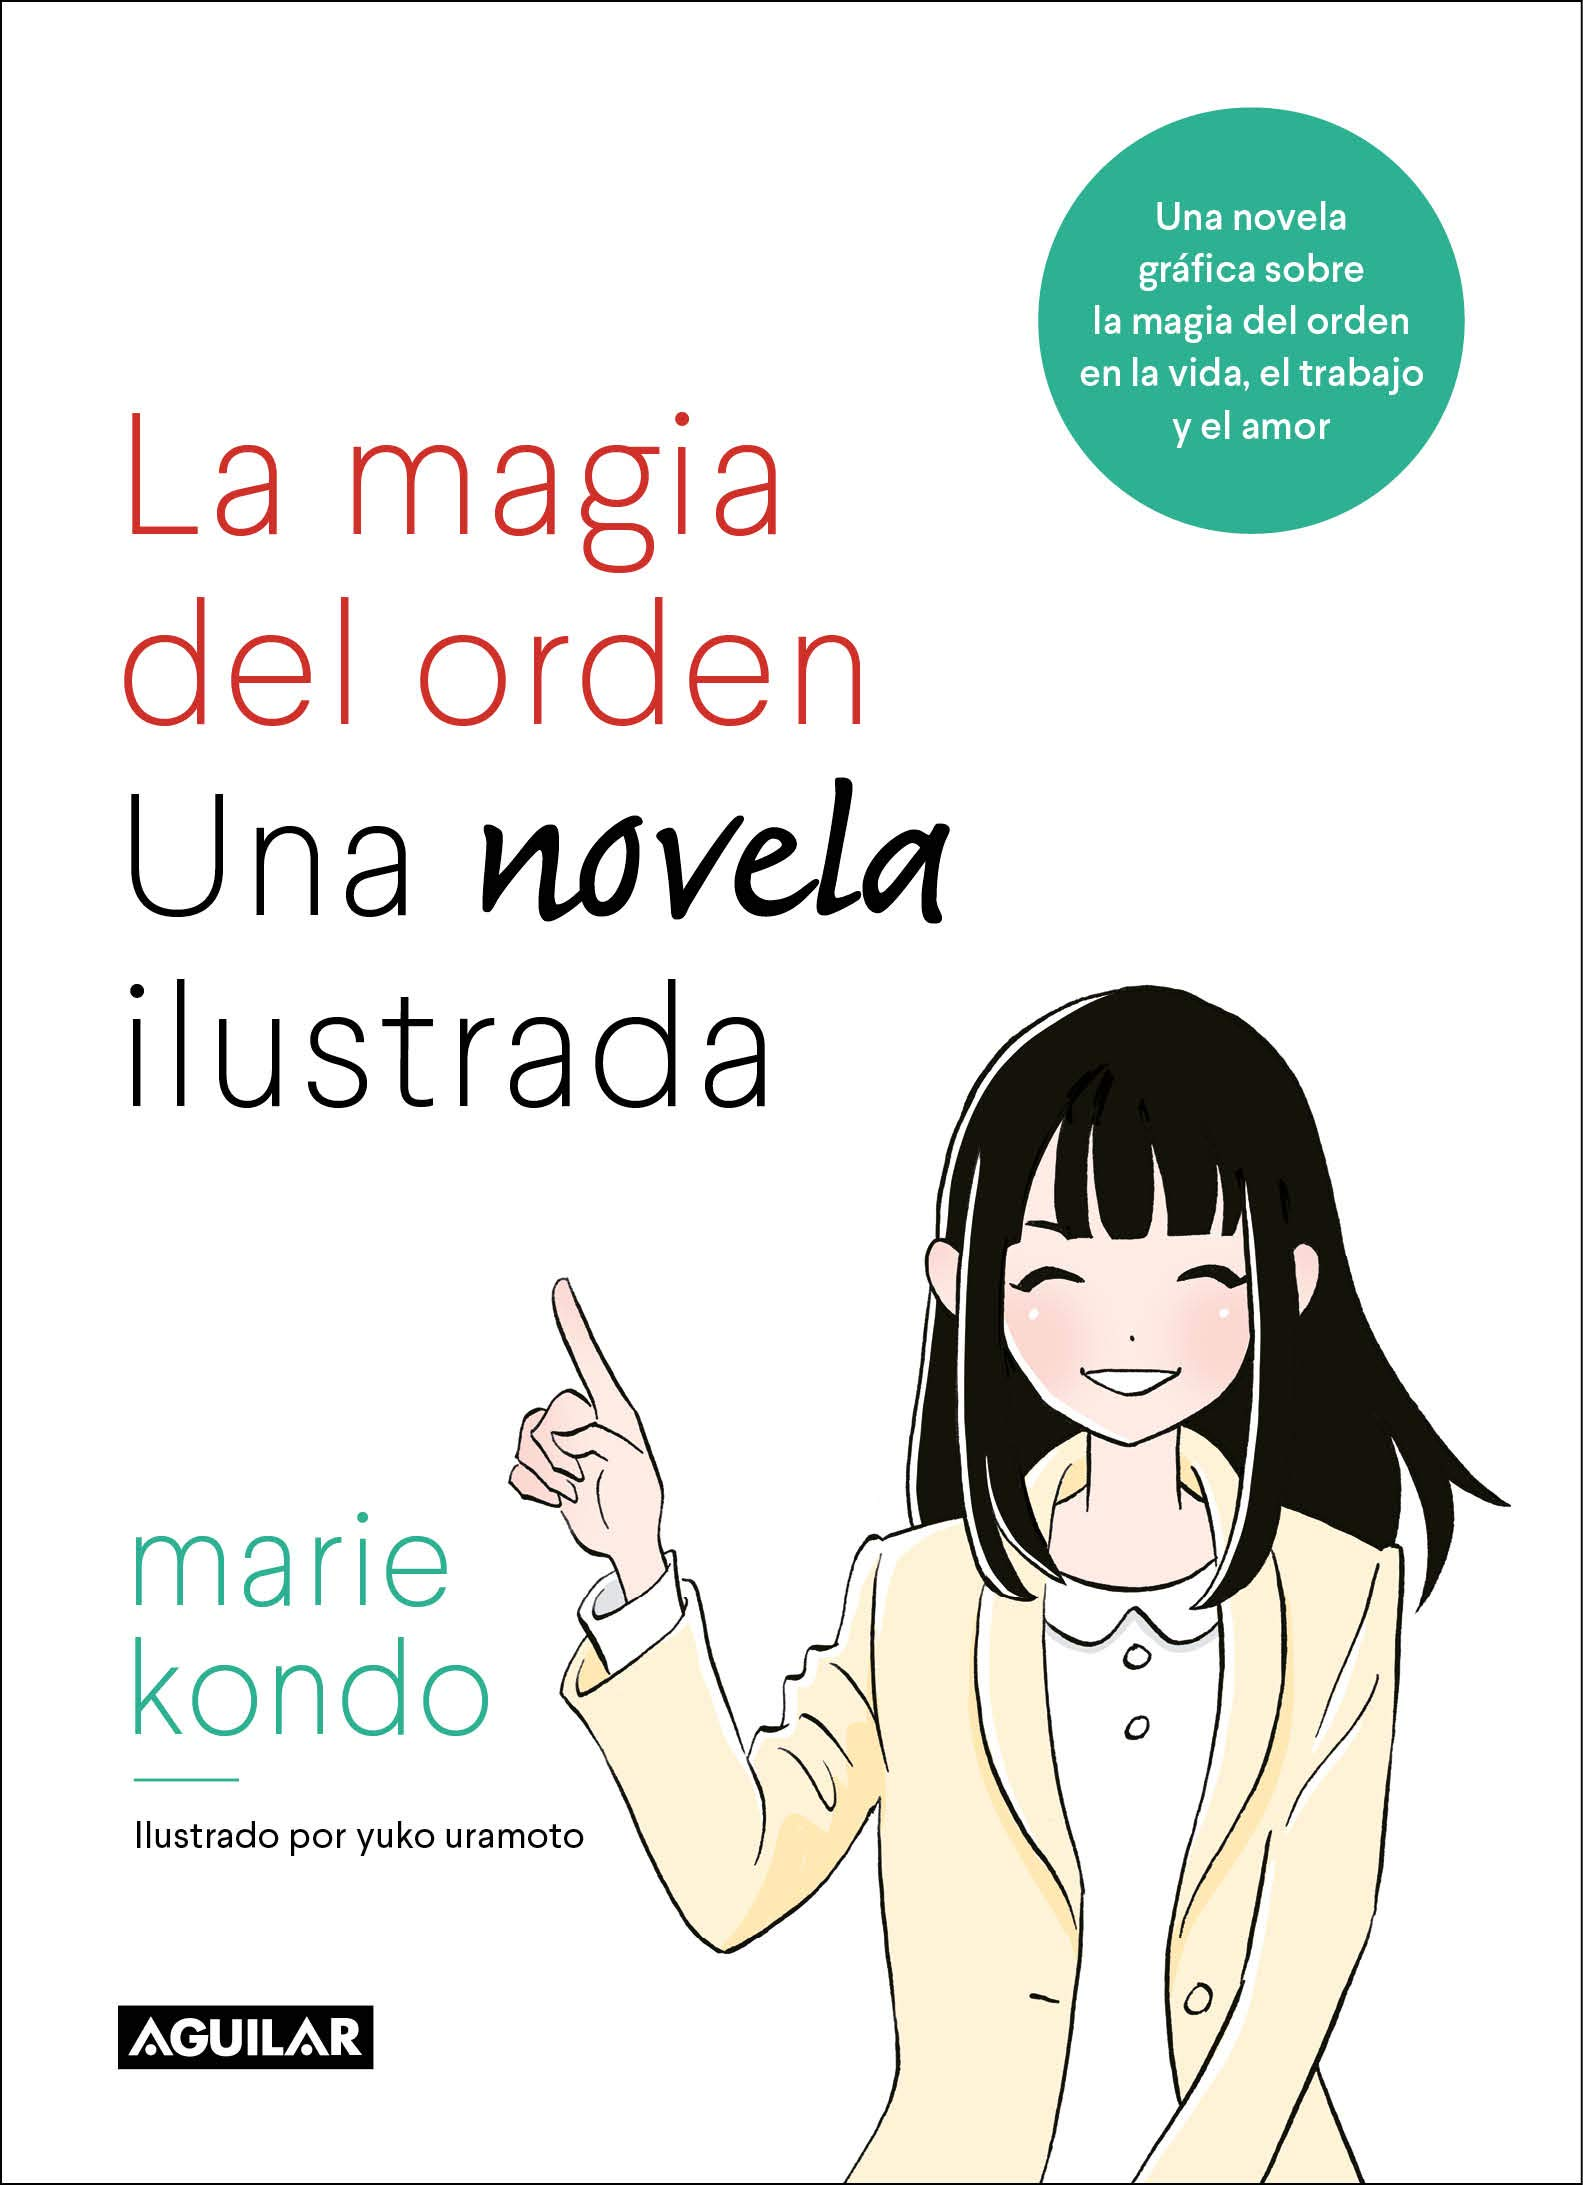 La magia del orden. Una novela ilustrada: Una novela gráfica sobre la magia  del orden en la vida, el trabajo y el amor Tendencias: Amazon.es: Marie  Kondo: ...